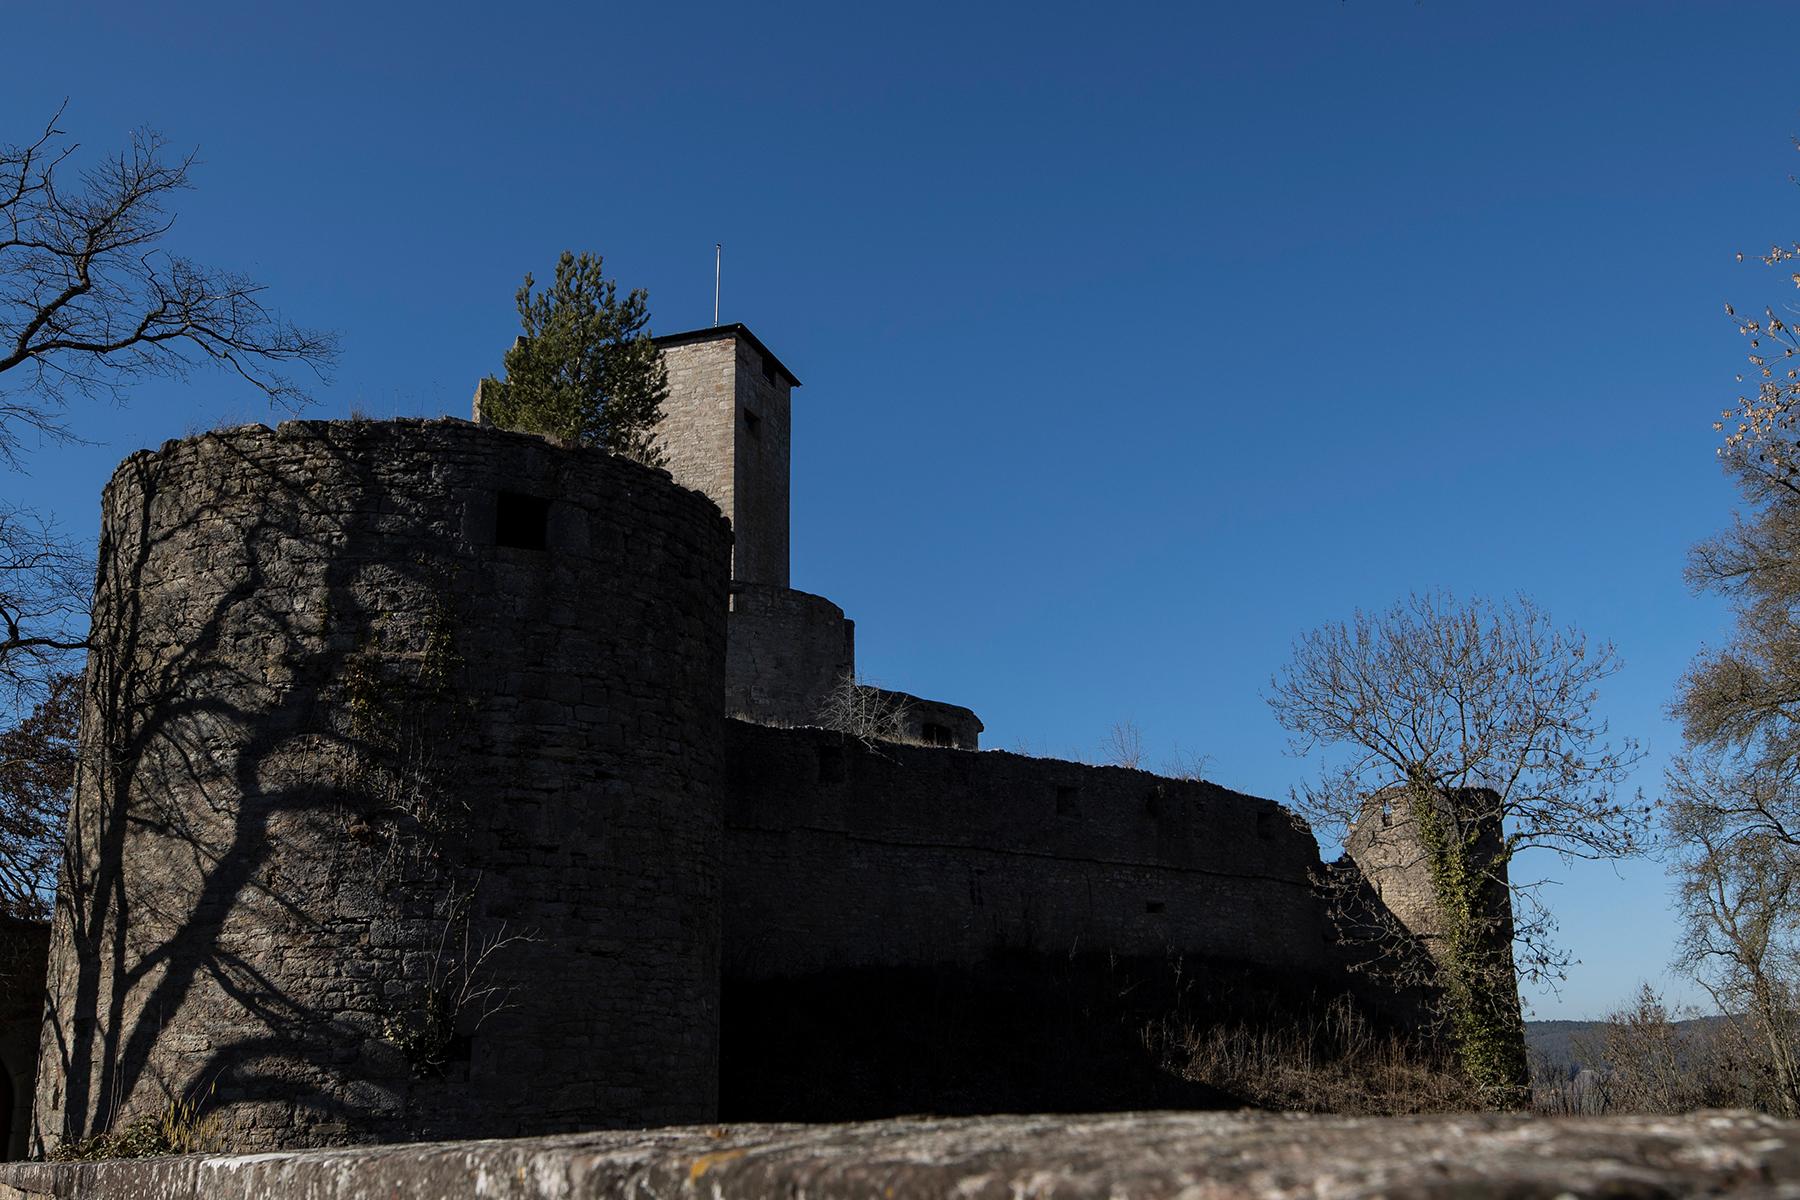 Trimburg unter blauem Himmel fotografiert mit Sigma 14-24 mm Art